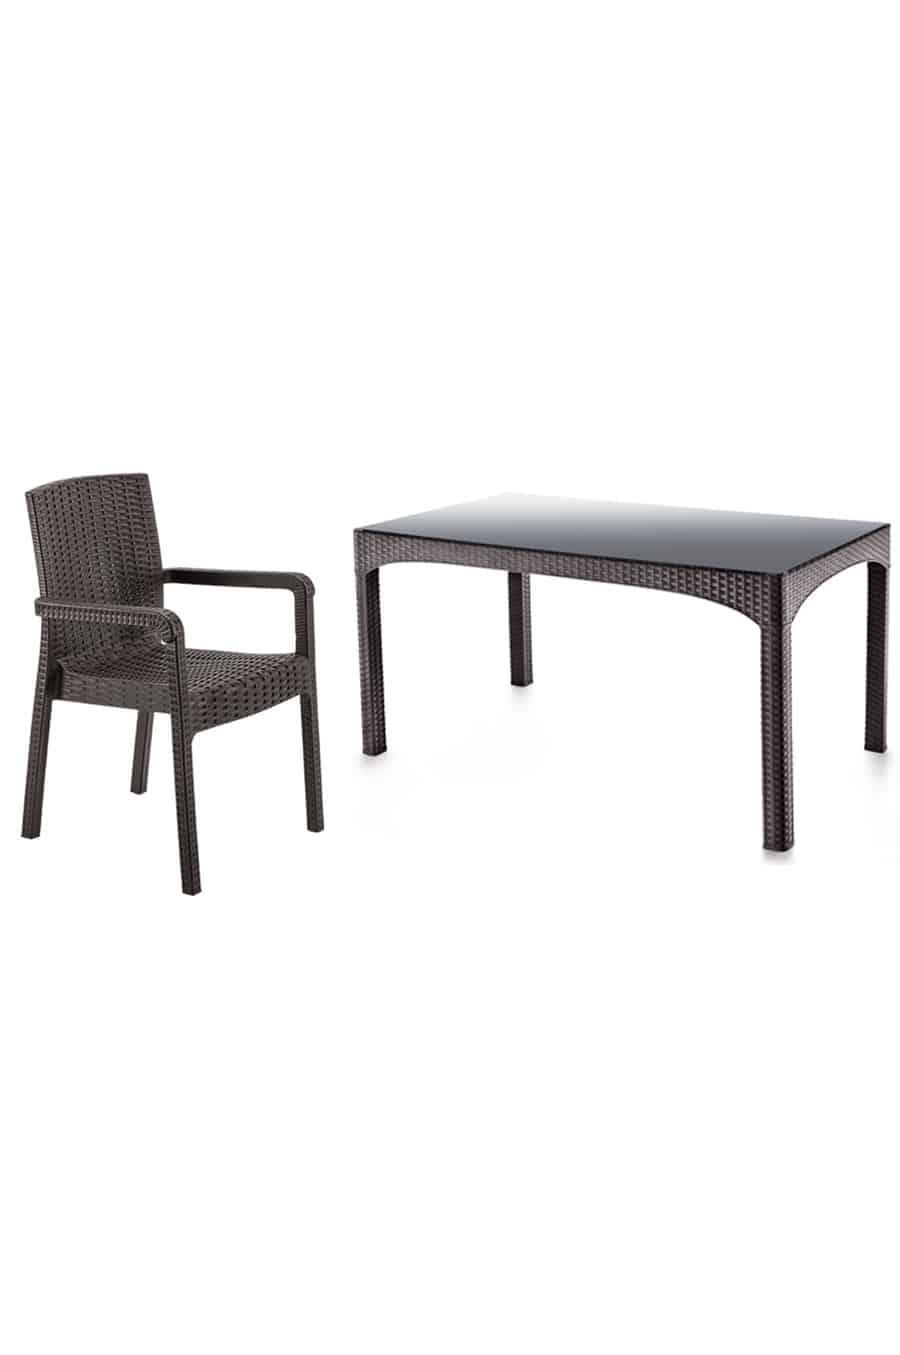 Rattan Masa Sandalye Takımı Camsız (6 Sandalye + 1 Masa)